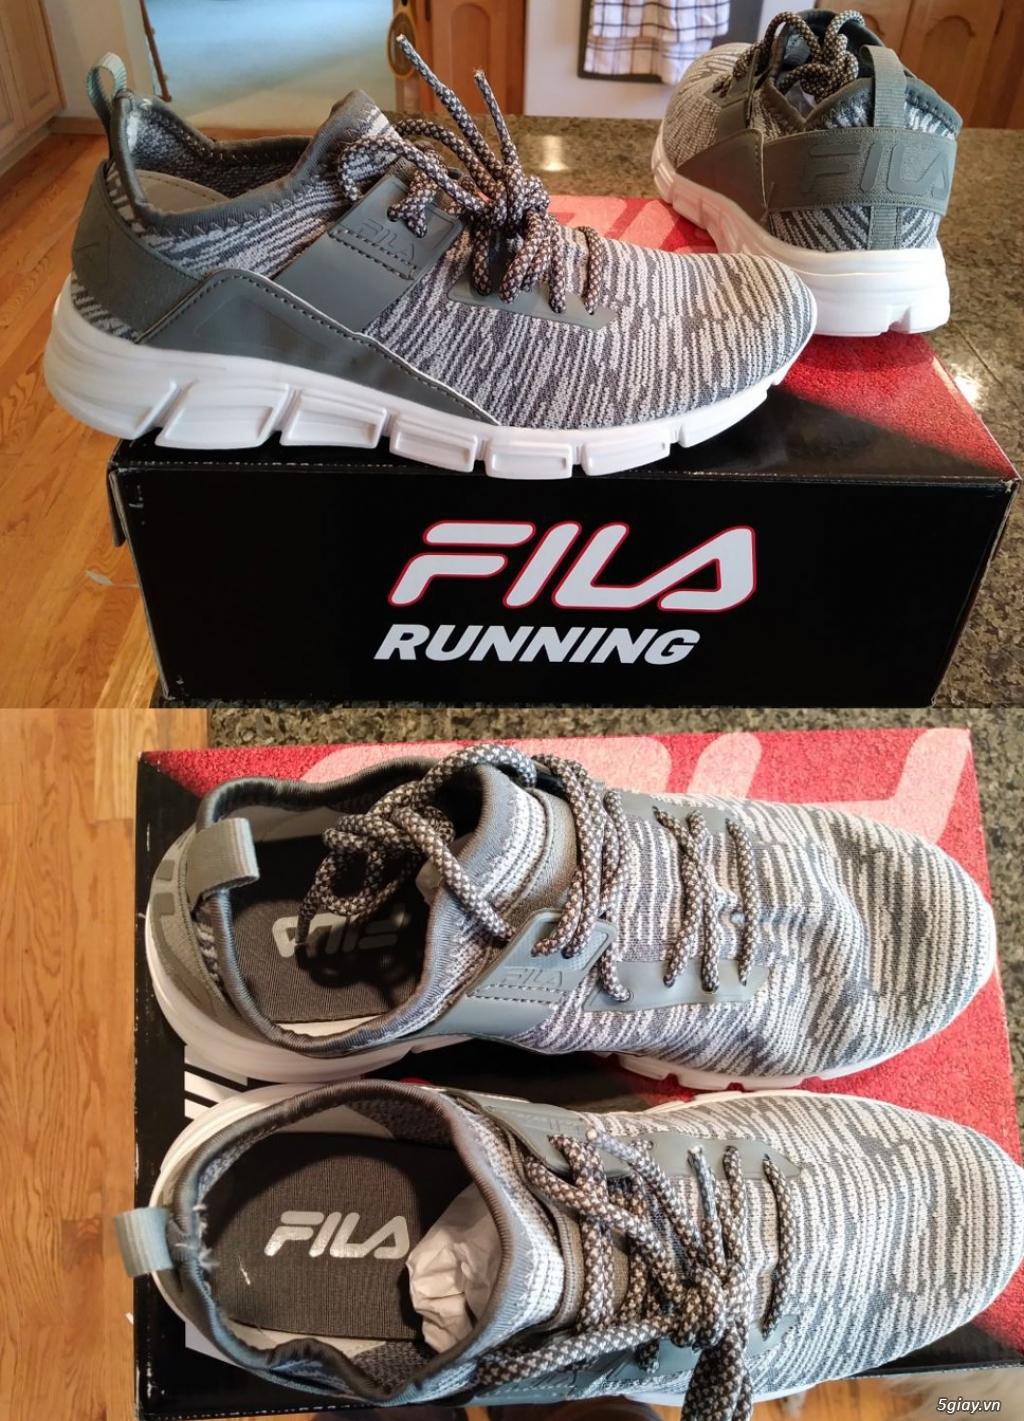 Mình xách/gửi giày Nike, Skechers, Reebok, Polo, Converse, v.v. từ Mỹ. - 47